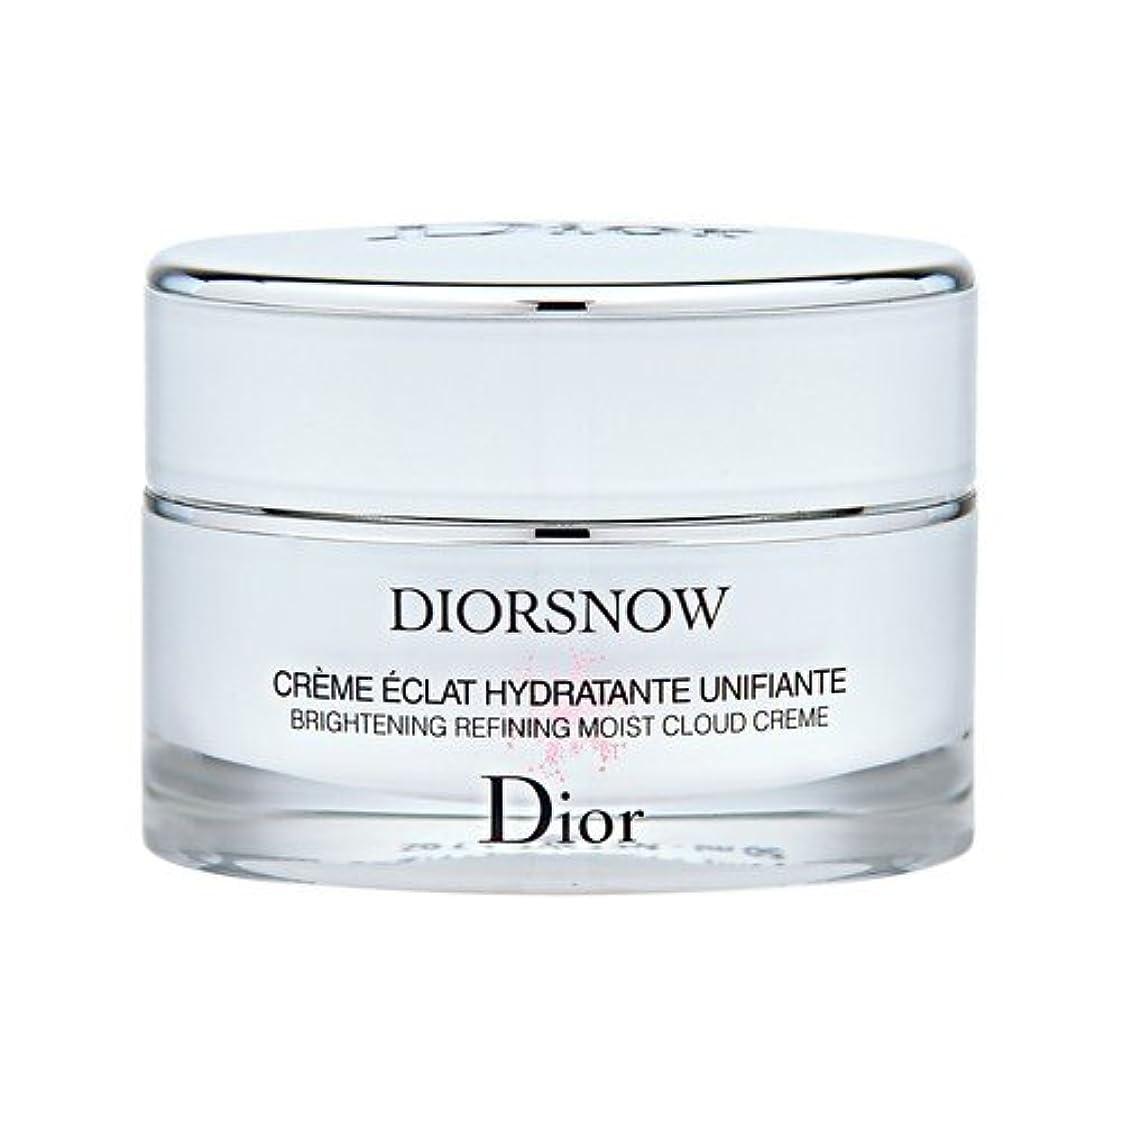 アラブ勇者広々クリスチャン ディオール(Christian Dior) スノー ブライトニング モイスト クリーム 50ml[並行輸入品]